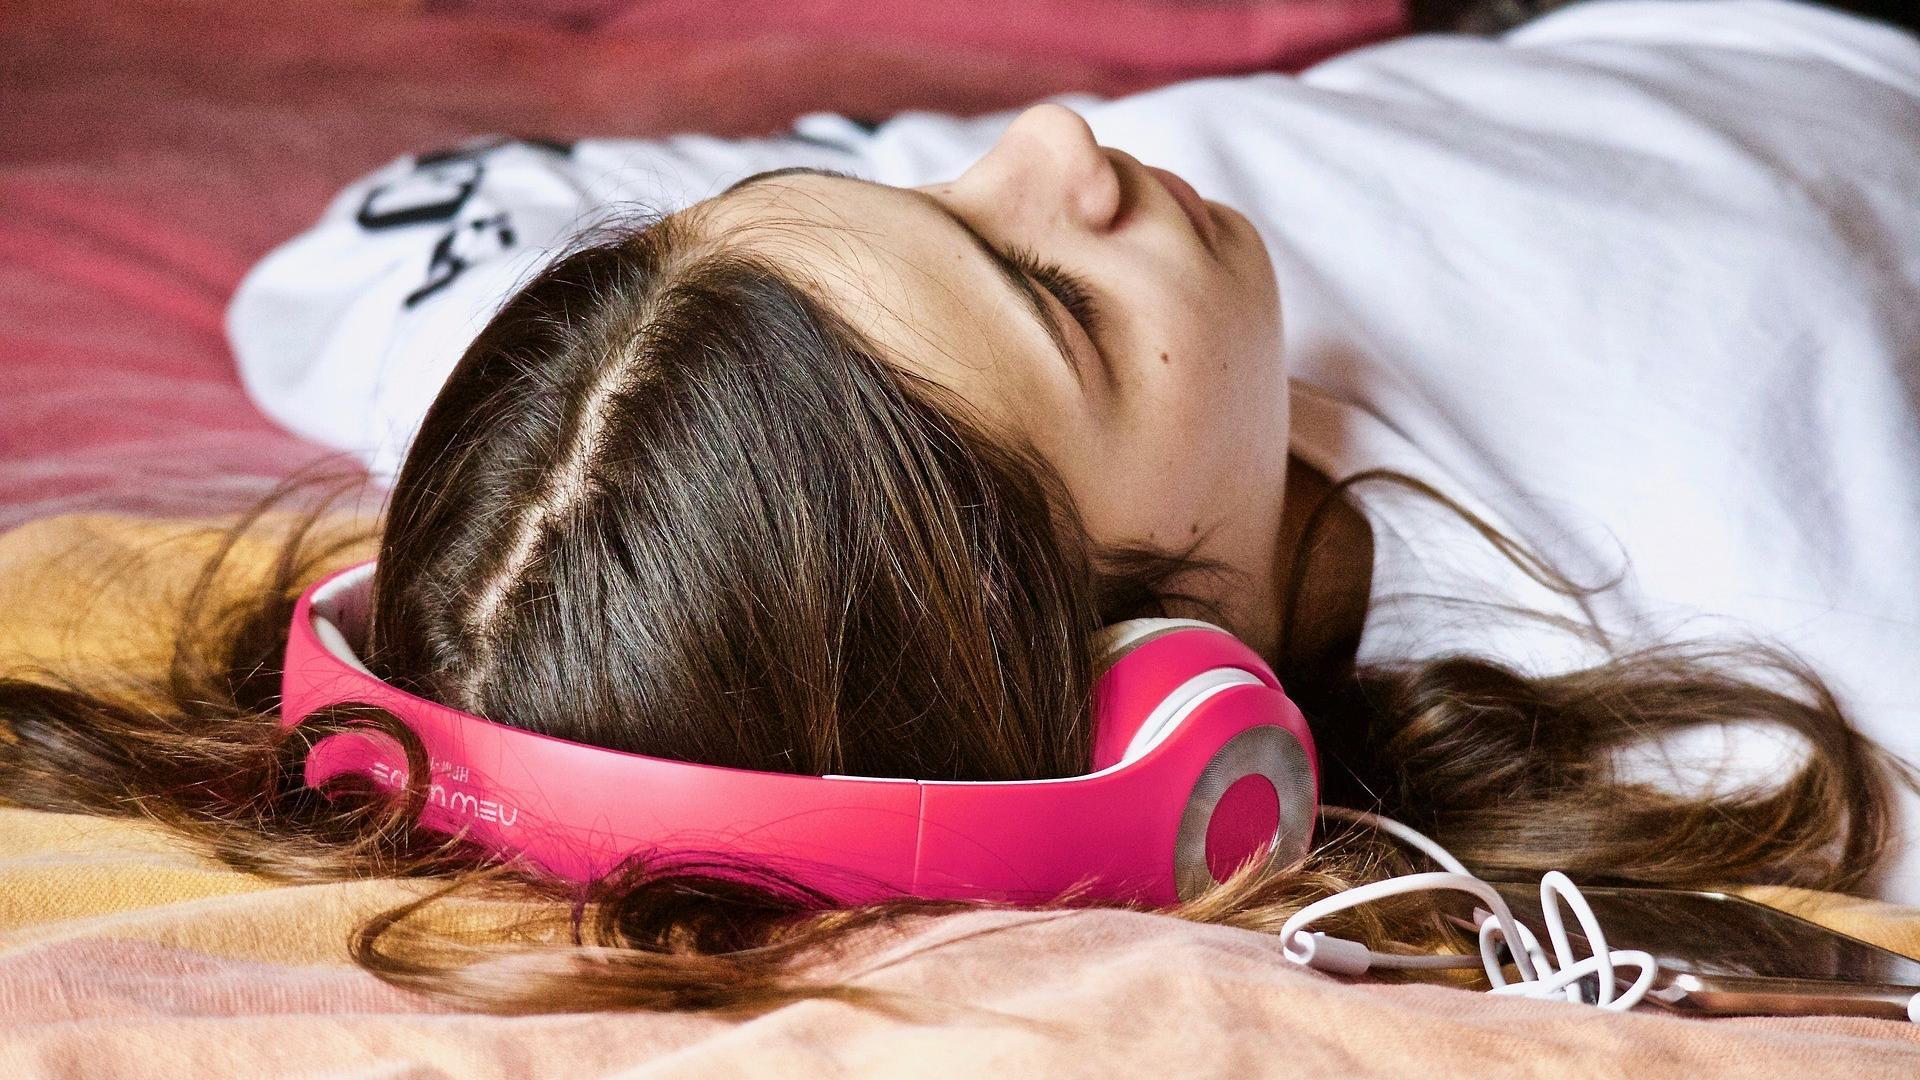 Entspannungsmusik hilft als Hausmittel zum Einschlafen.